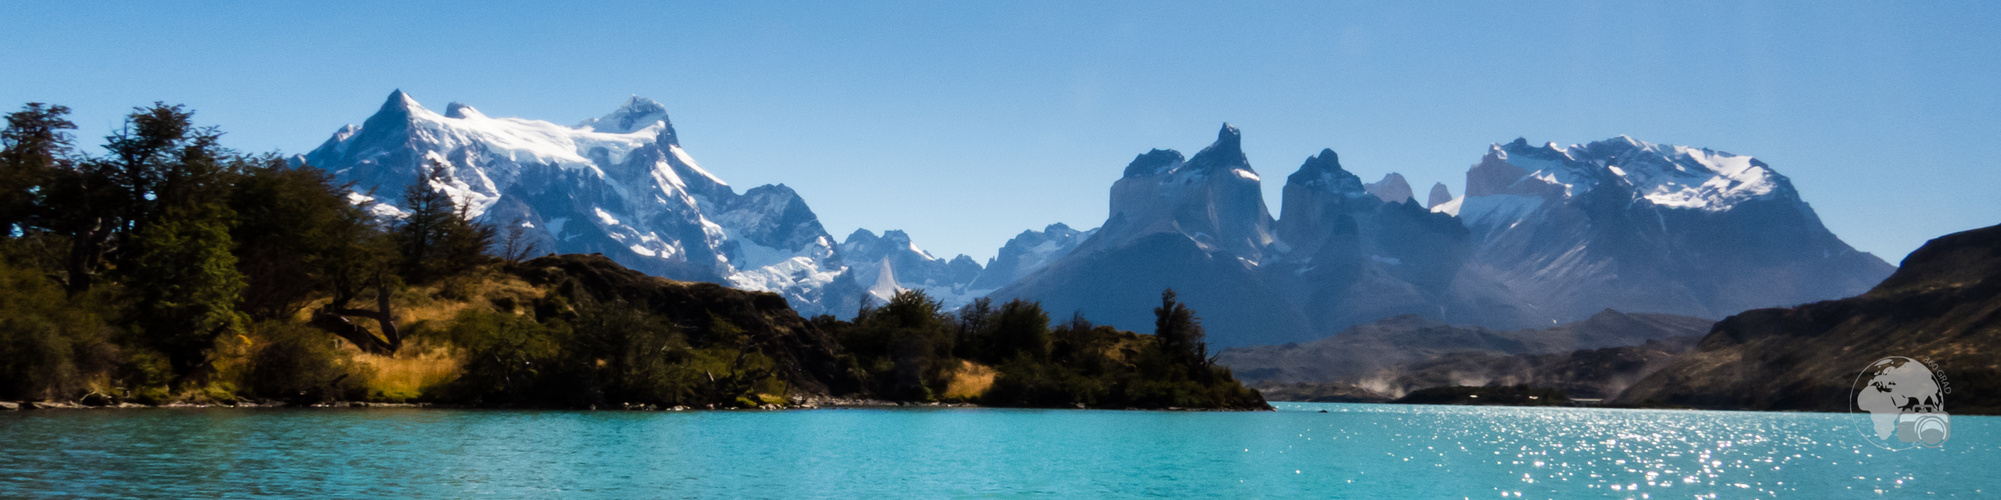 Lago Pehoé vor den Torres del Paine